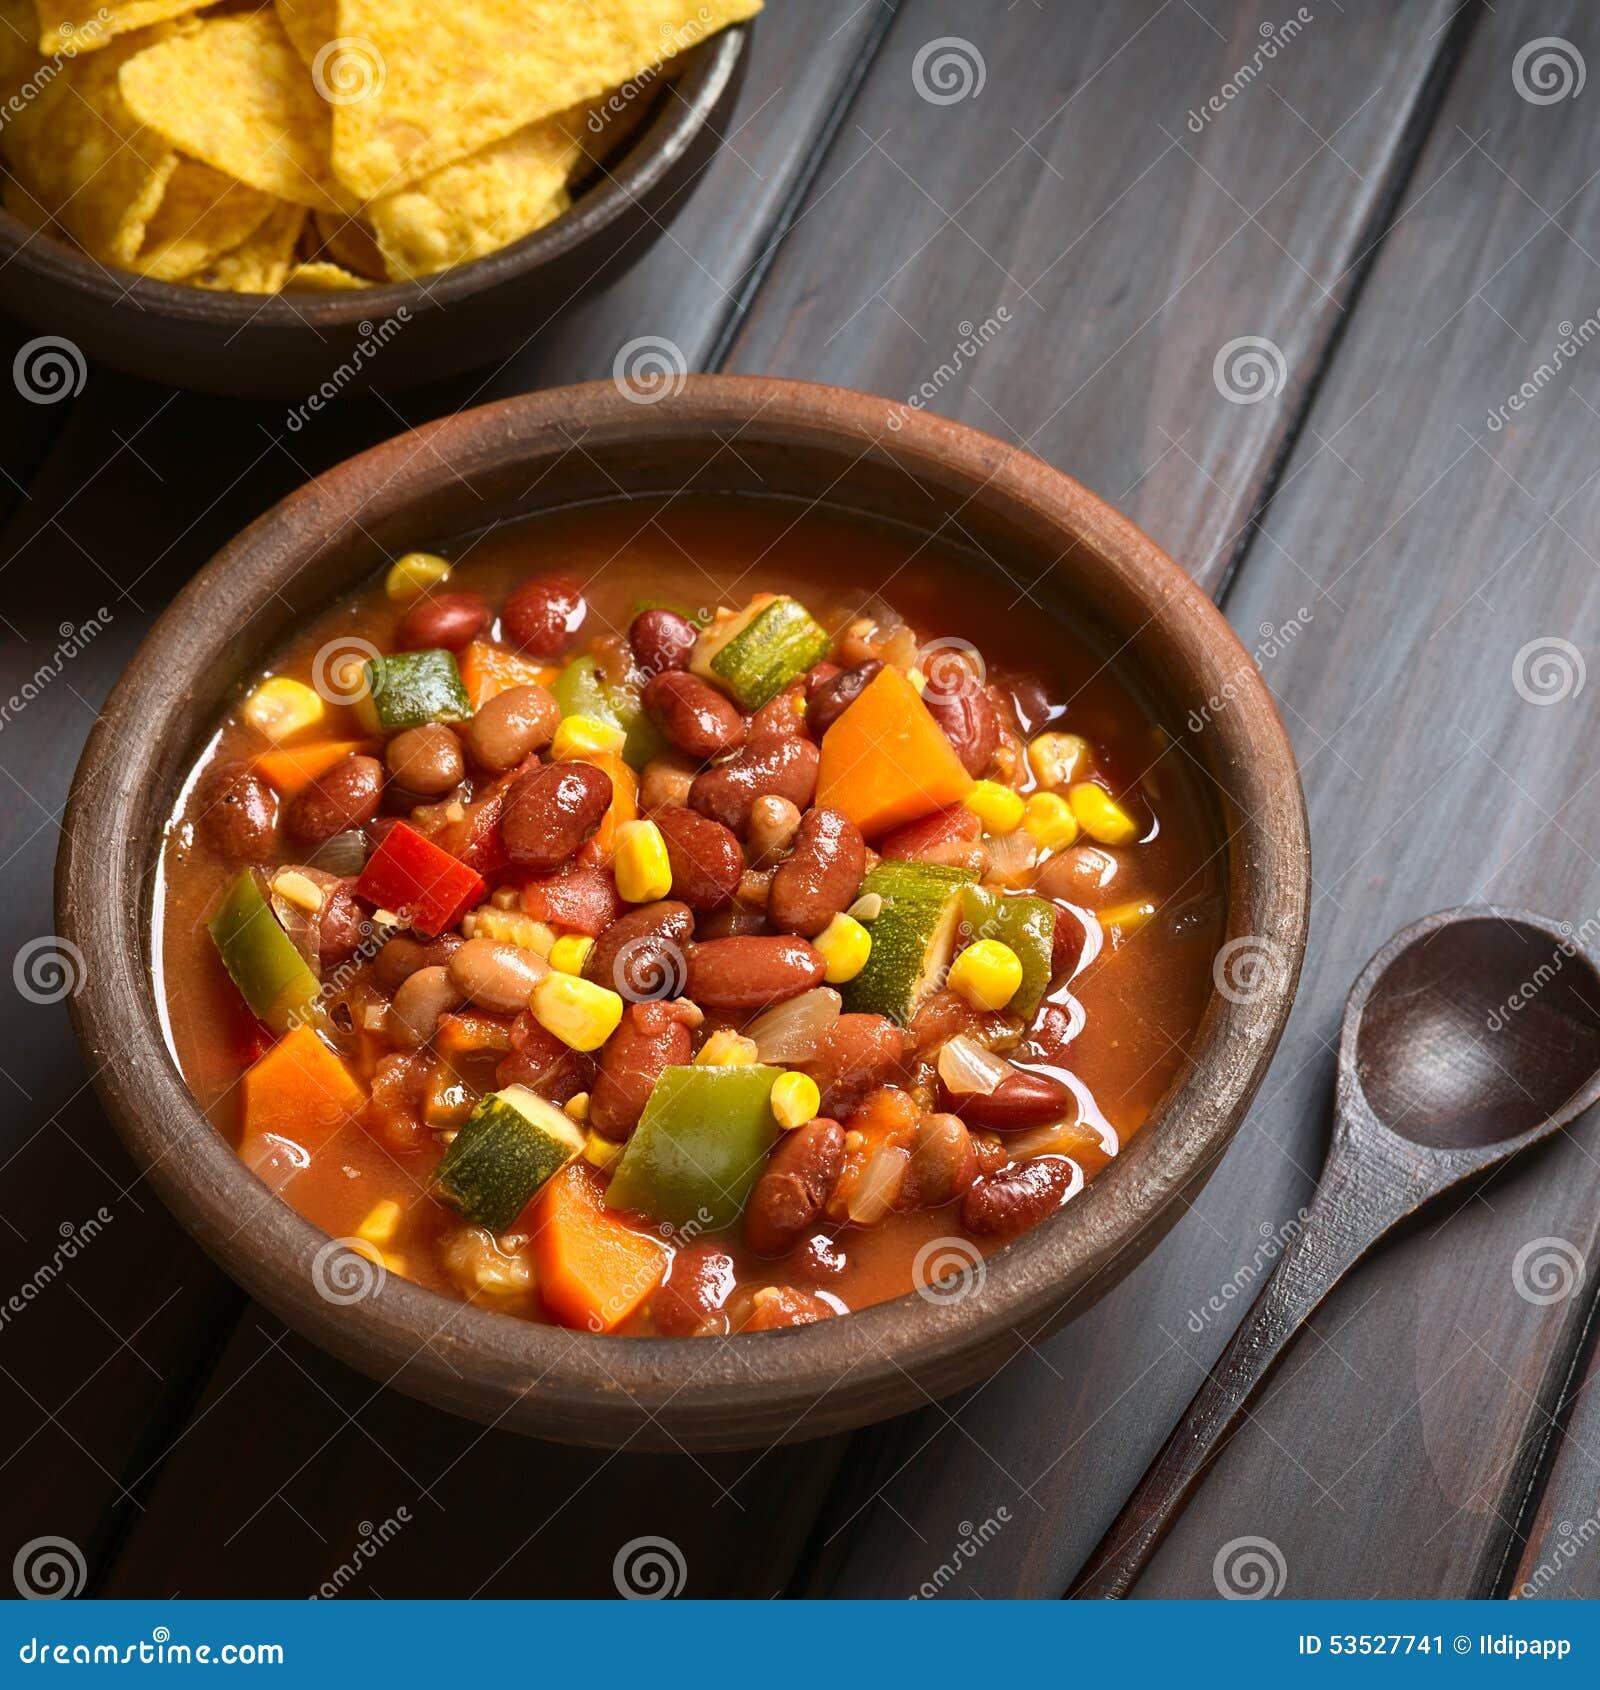 Veggie Chili Beans And Rice With Chili Garlic Chips Recipe ...